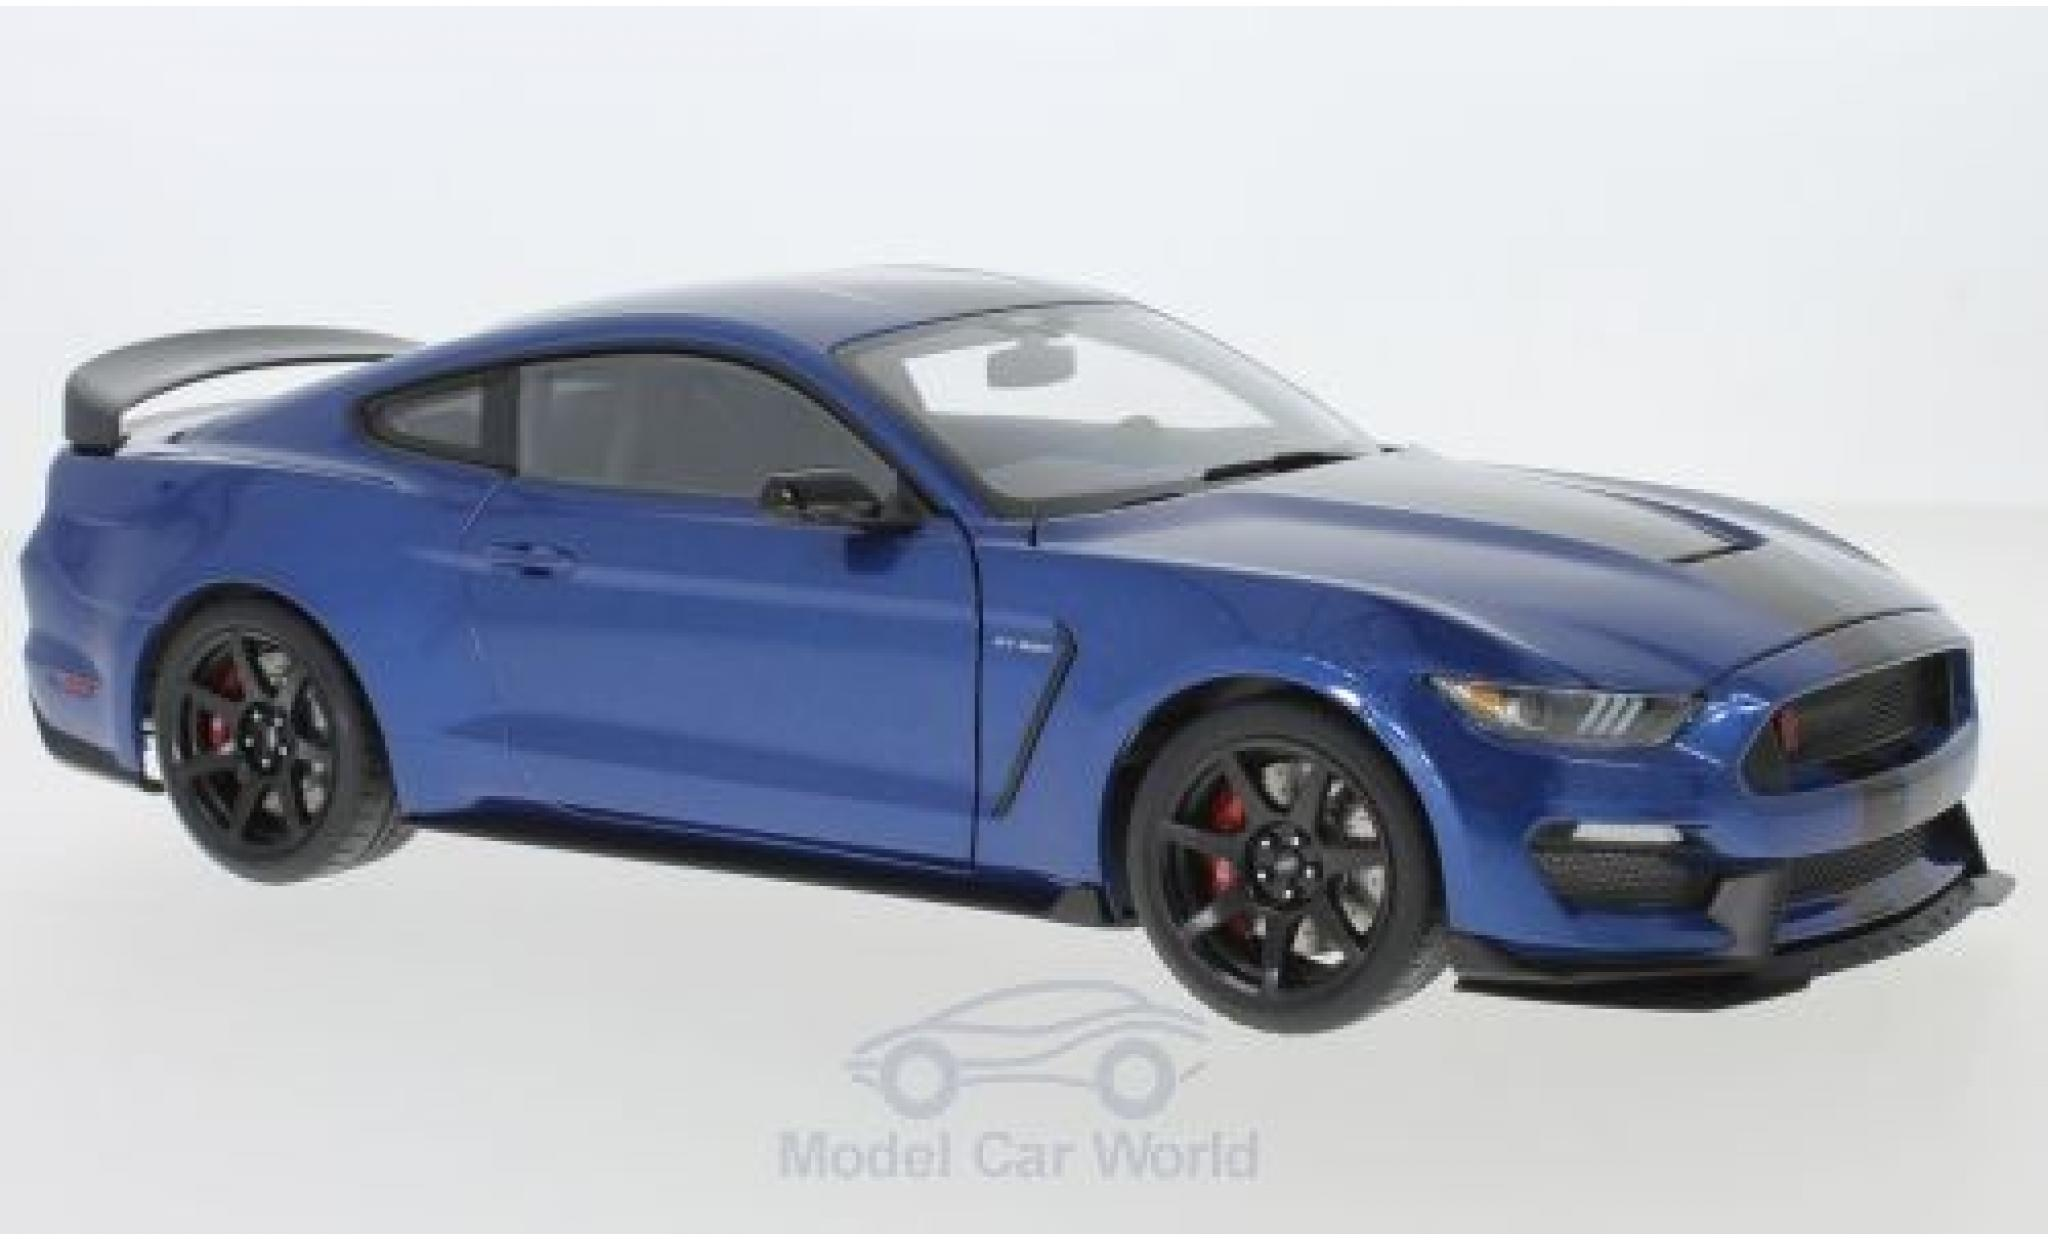 Ford Mustang 1/18 AUTOart Shelby GT-350R mettalic blau/schwarz 2017